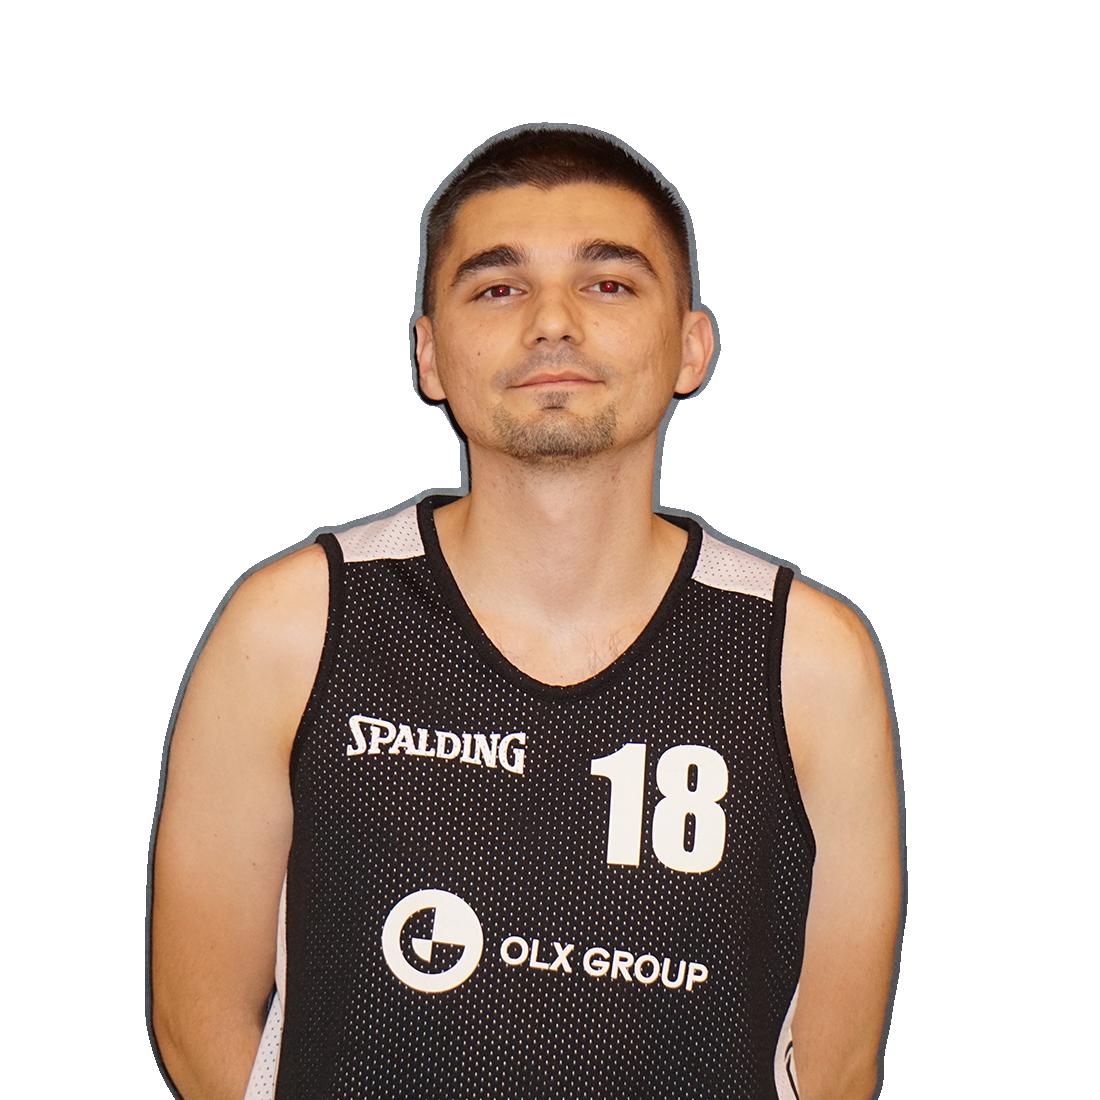 Dawid Samulski